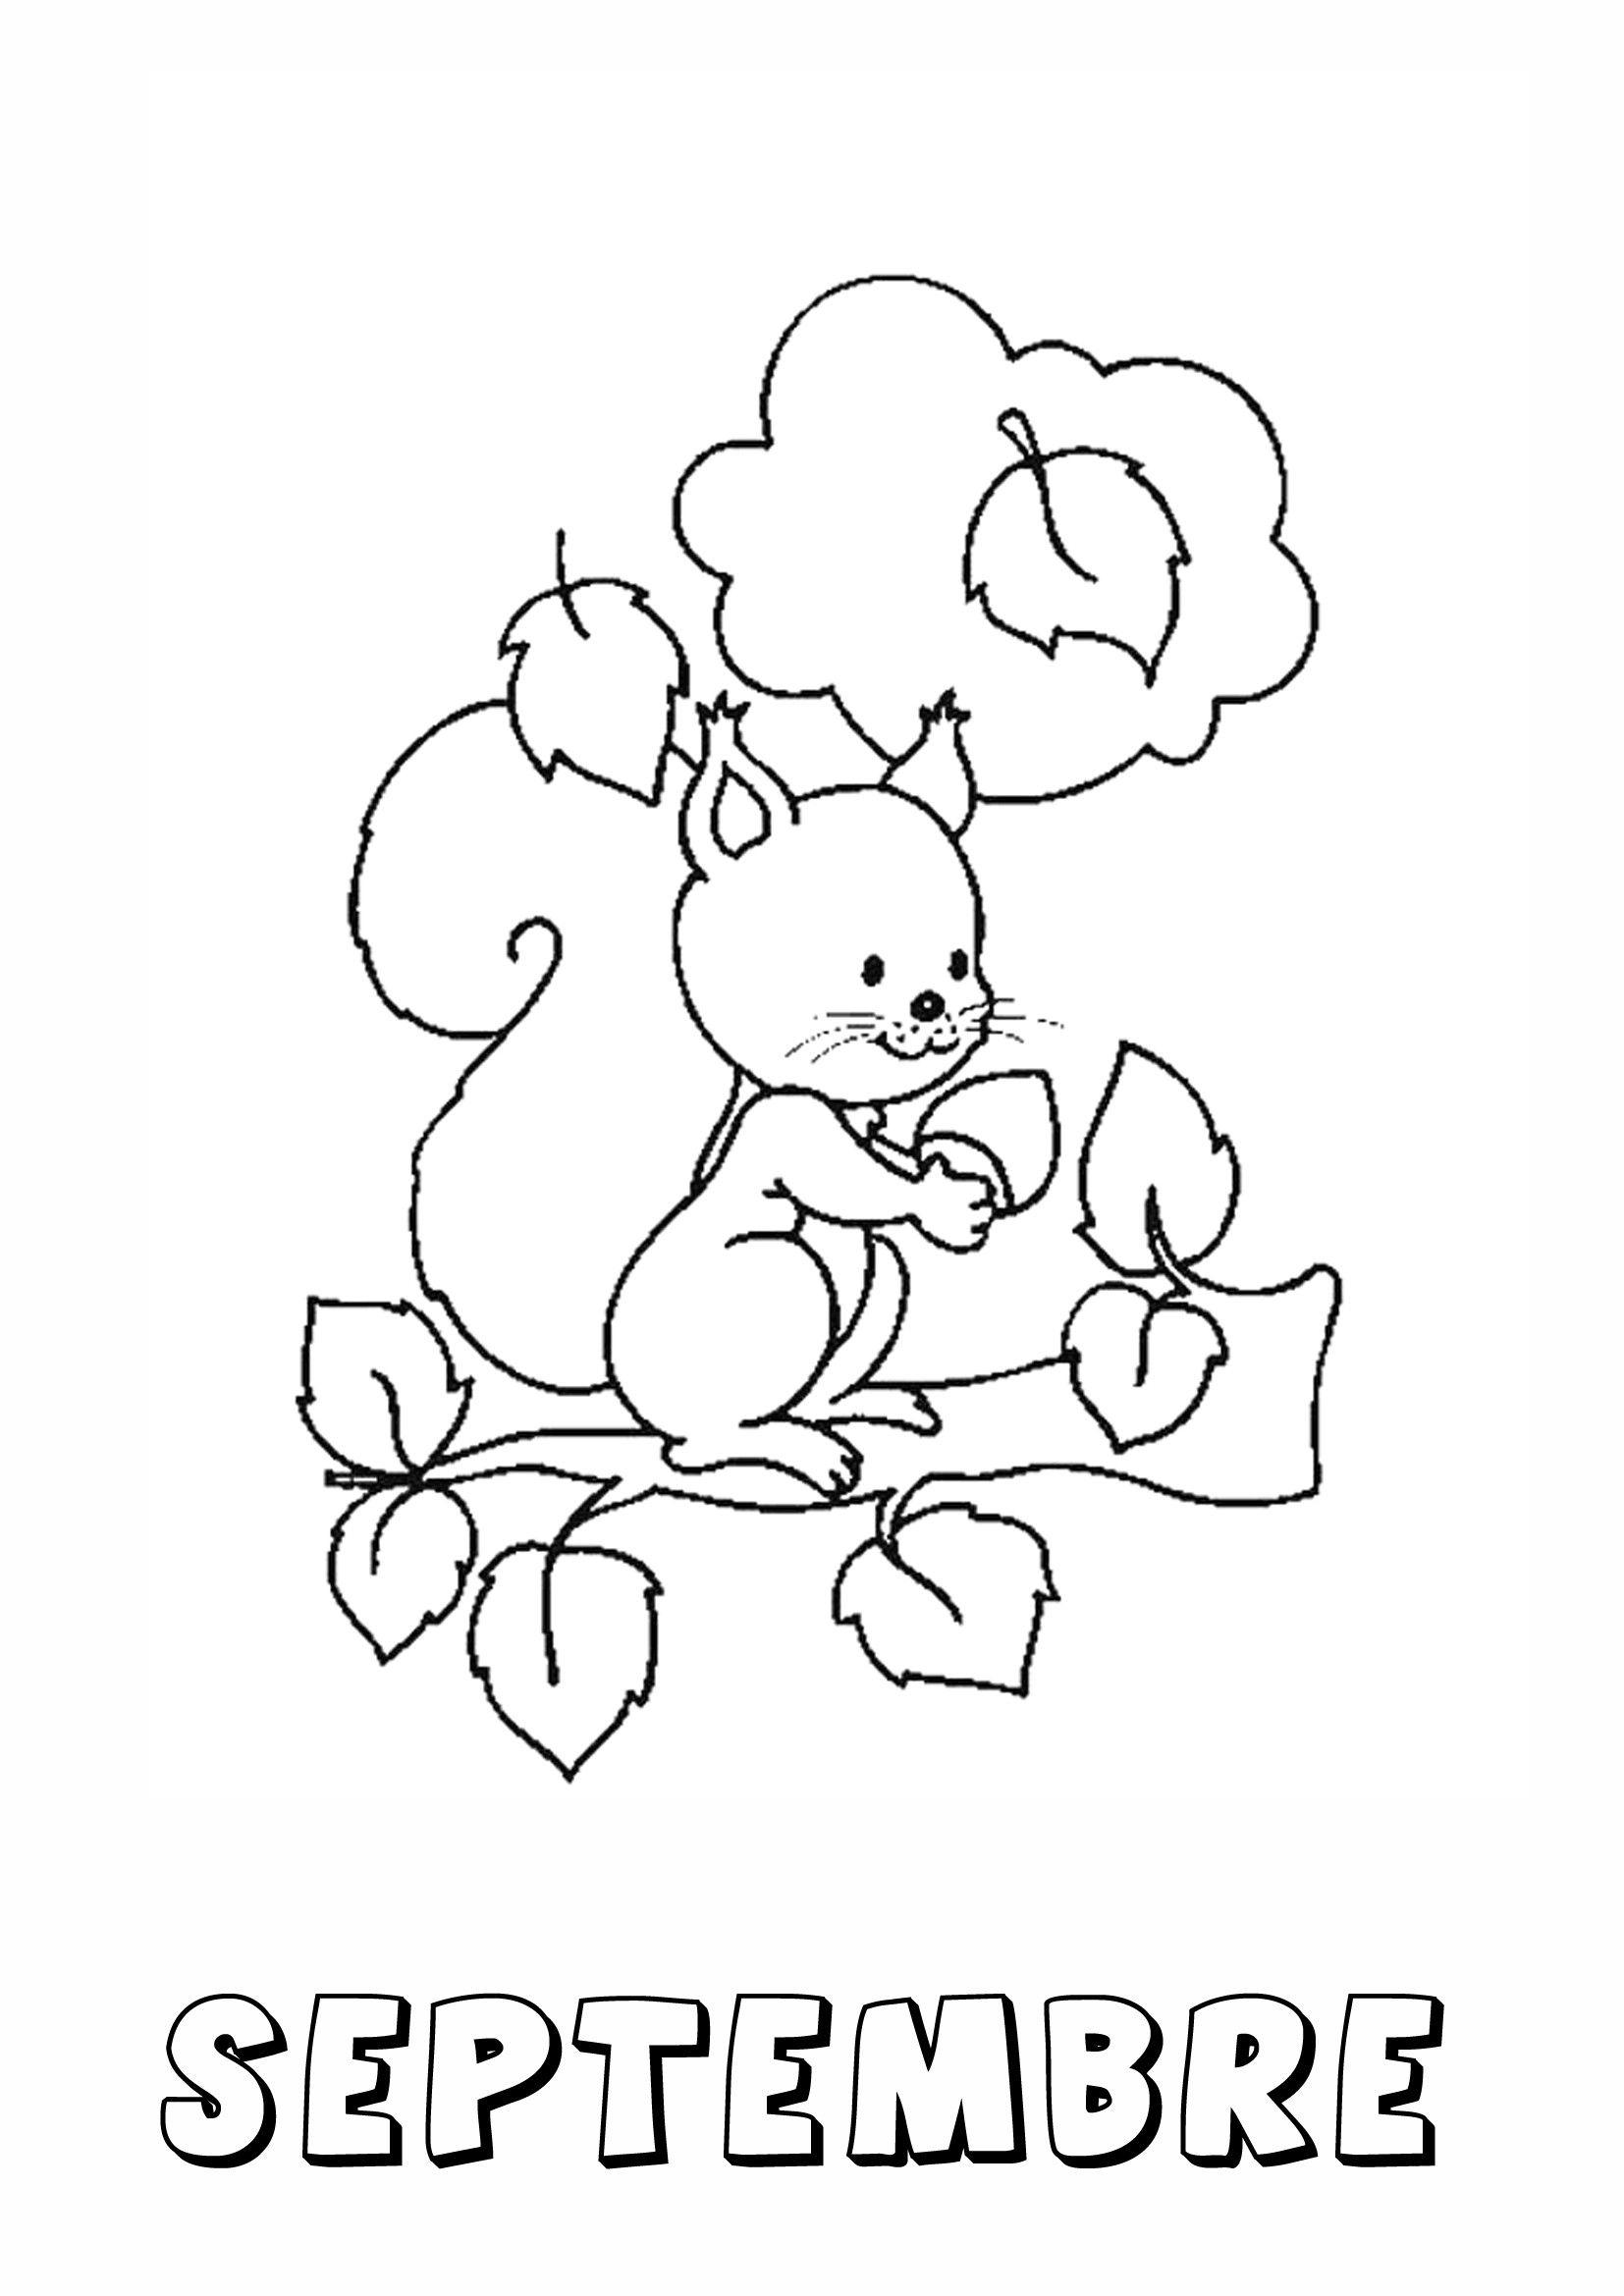 Coloriage D'automne En Maternelle Fantastique Image pour Coloriage Automne